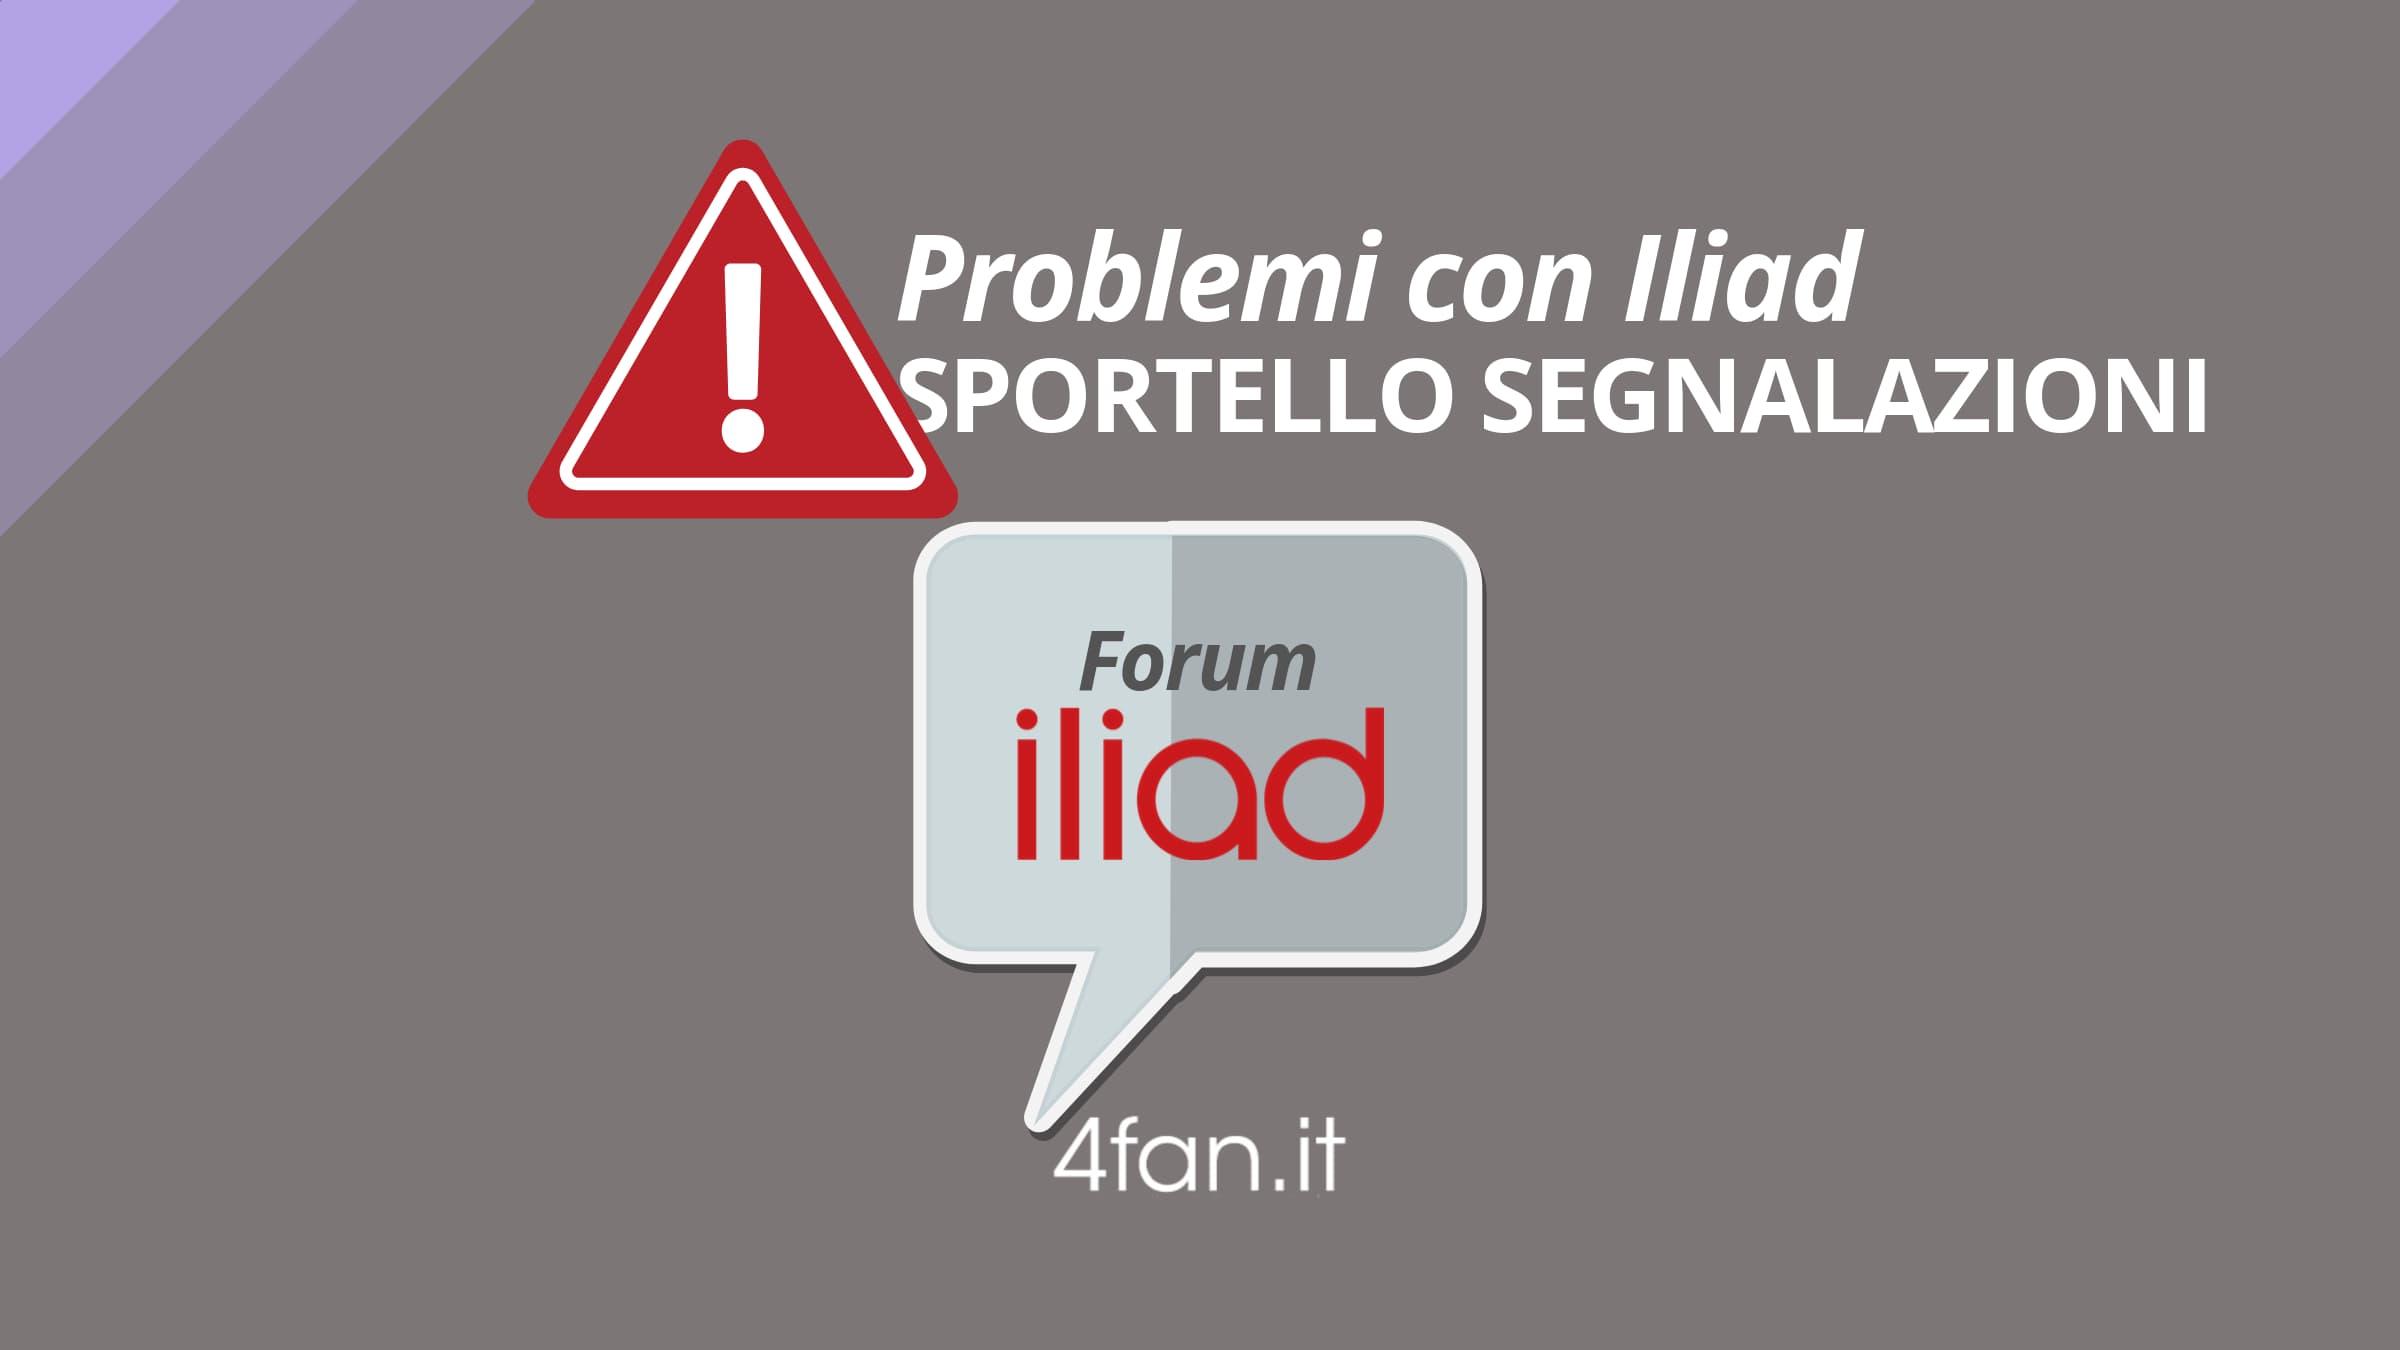 Problemi con Iliad